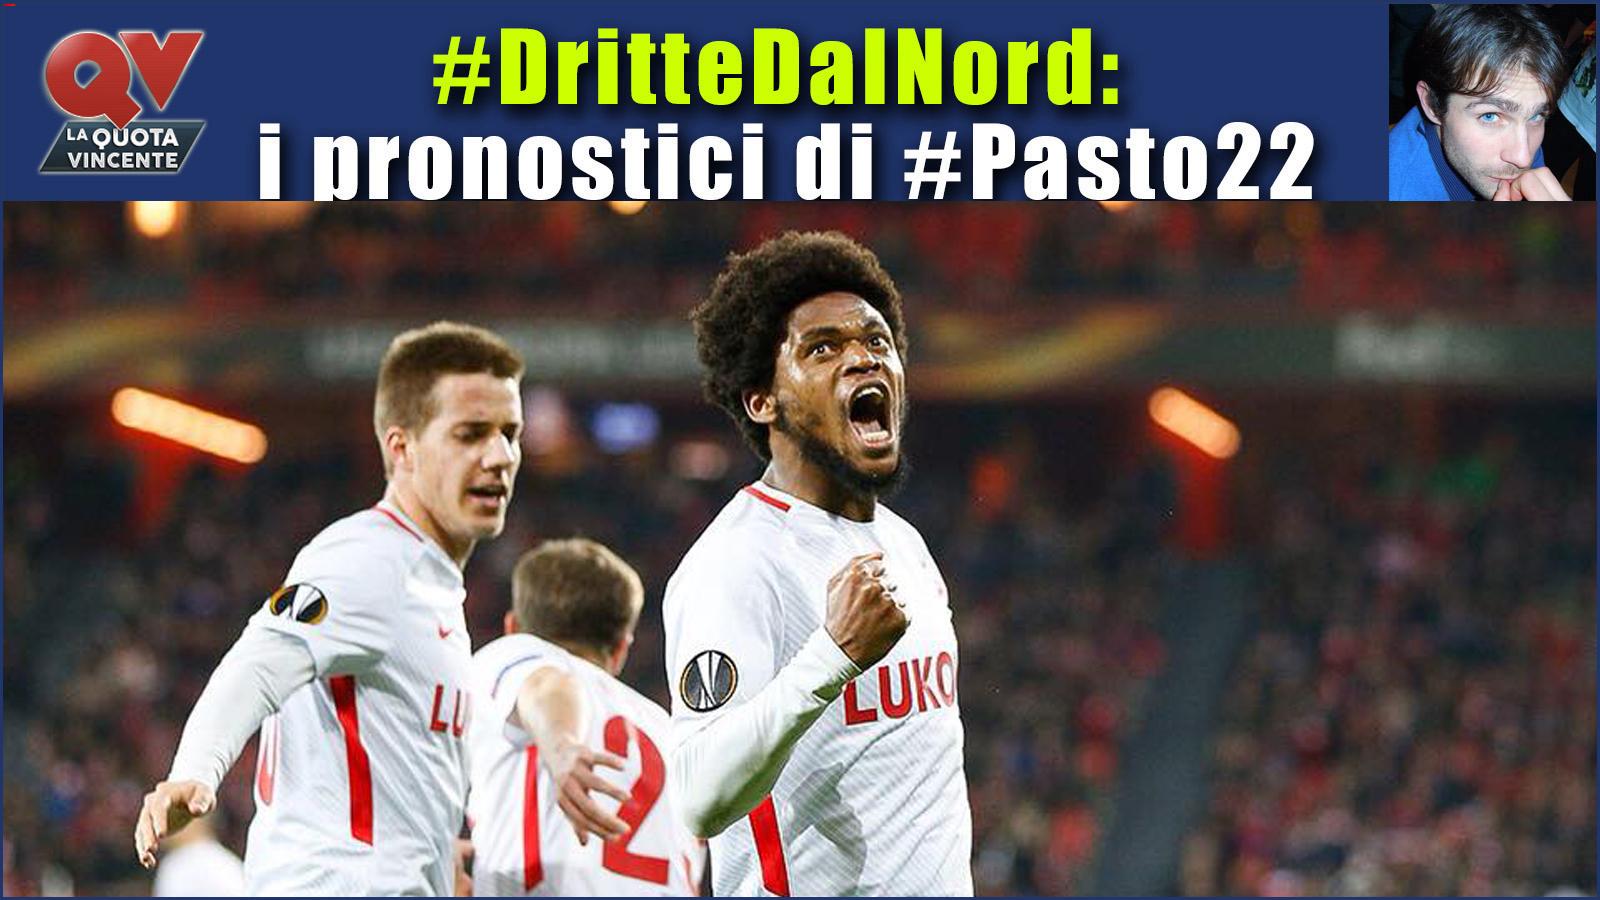 Pronostici Dritte dal Nord 2-5 marzo: le dritte di #Pasto22 tra Russia e Danimarca